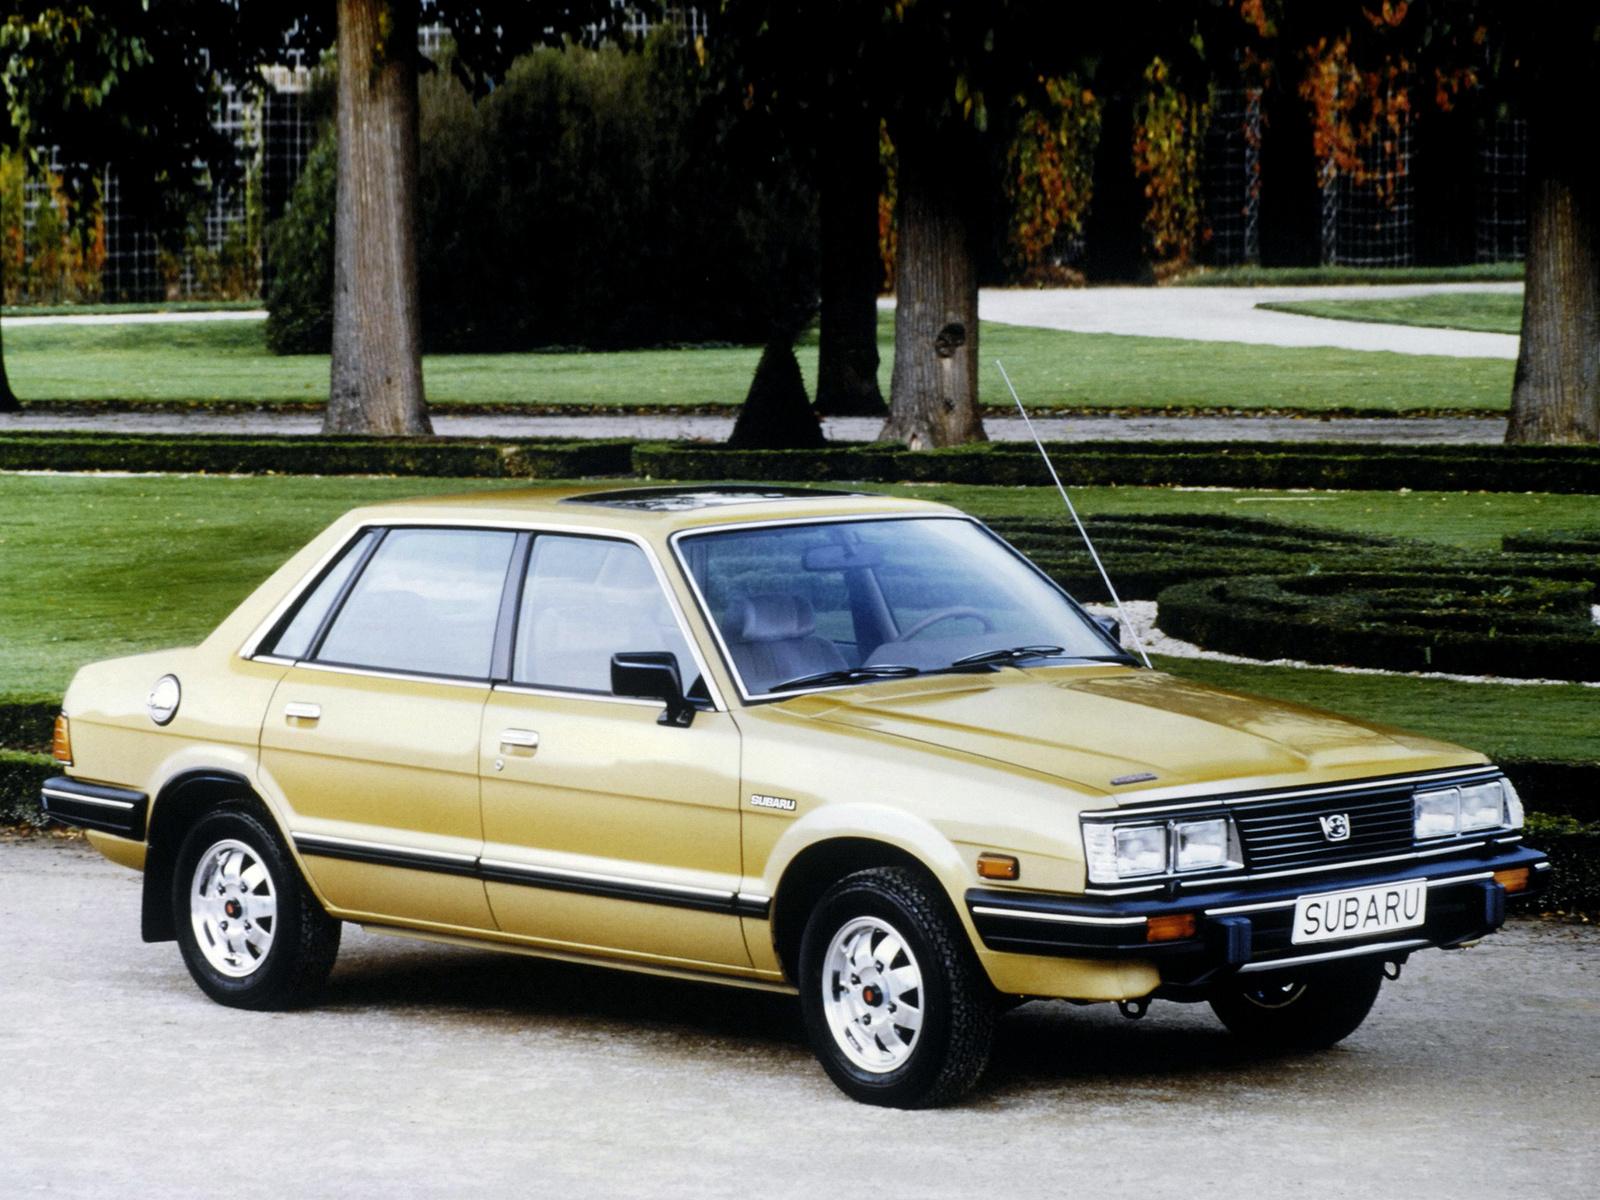 Subaru Leone I Ab 1800 4wd 80 Hp